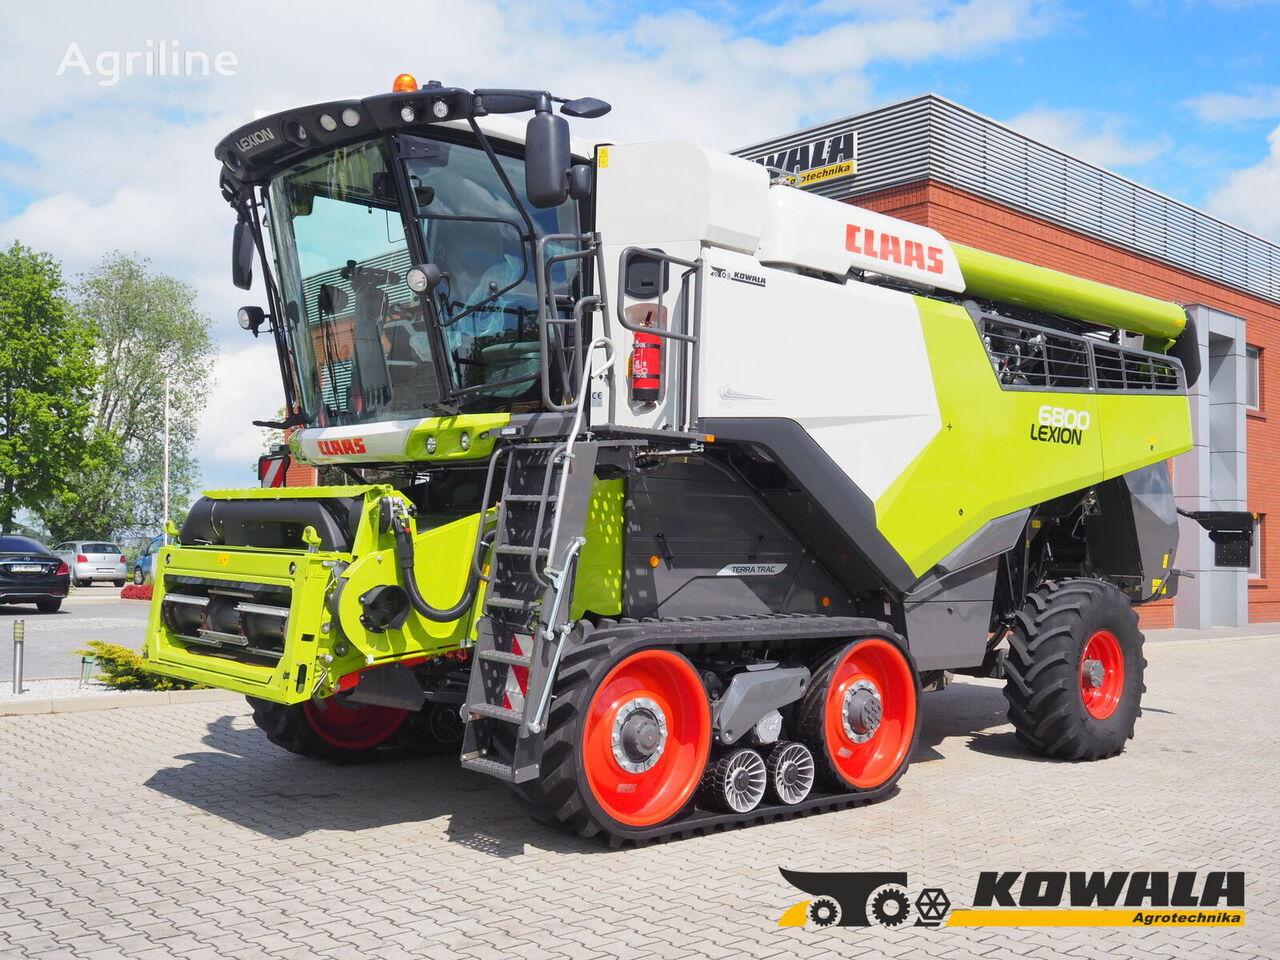 CLAAS Lexion 6800 TT (4WD) + V770  grain harvester